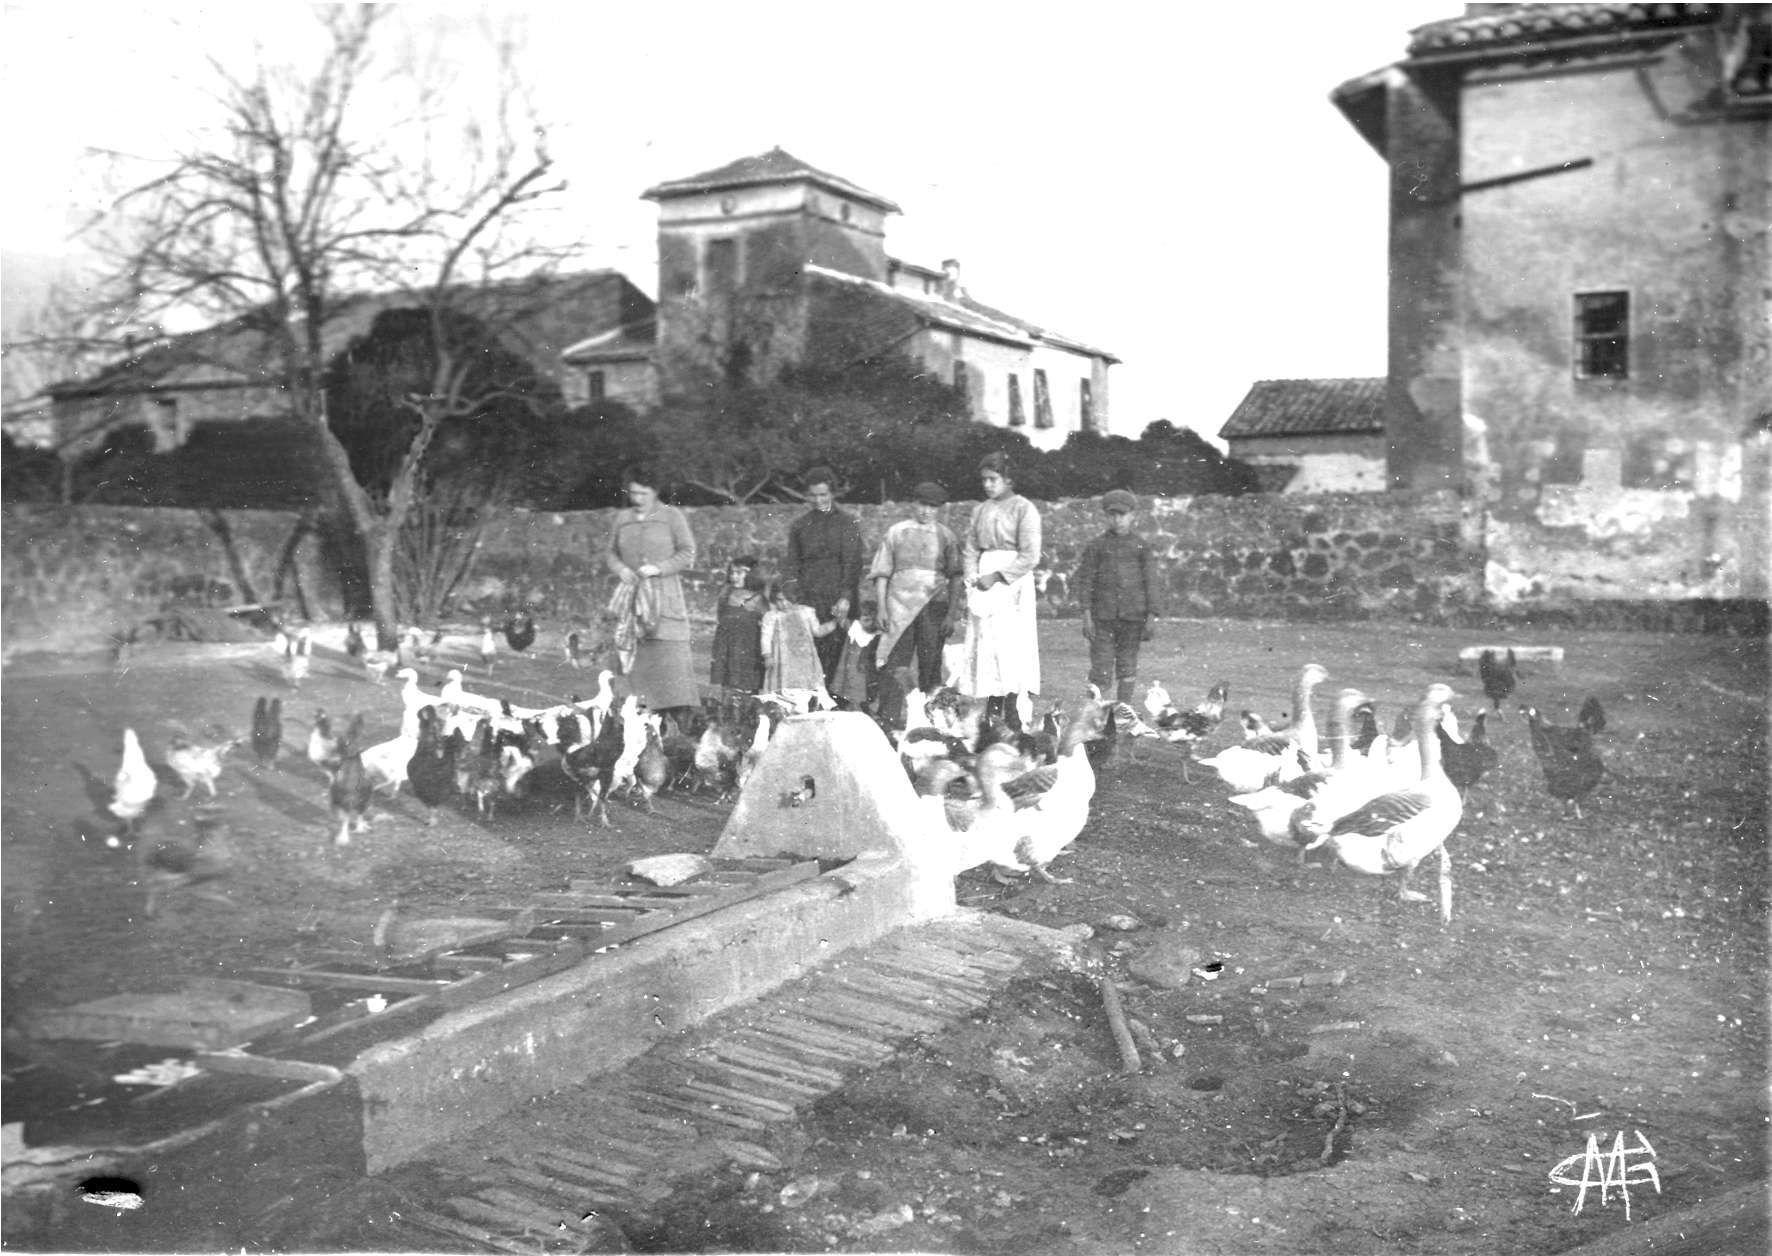 Santa Maria Goretti, la storia della martire di Nettuno